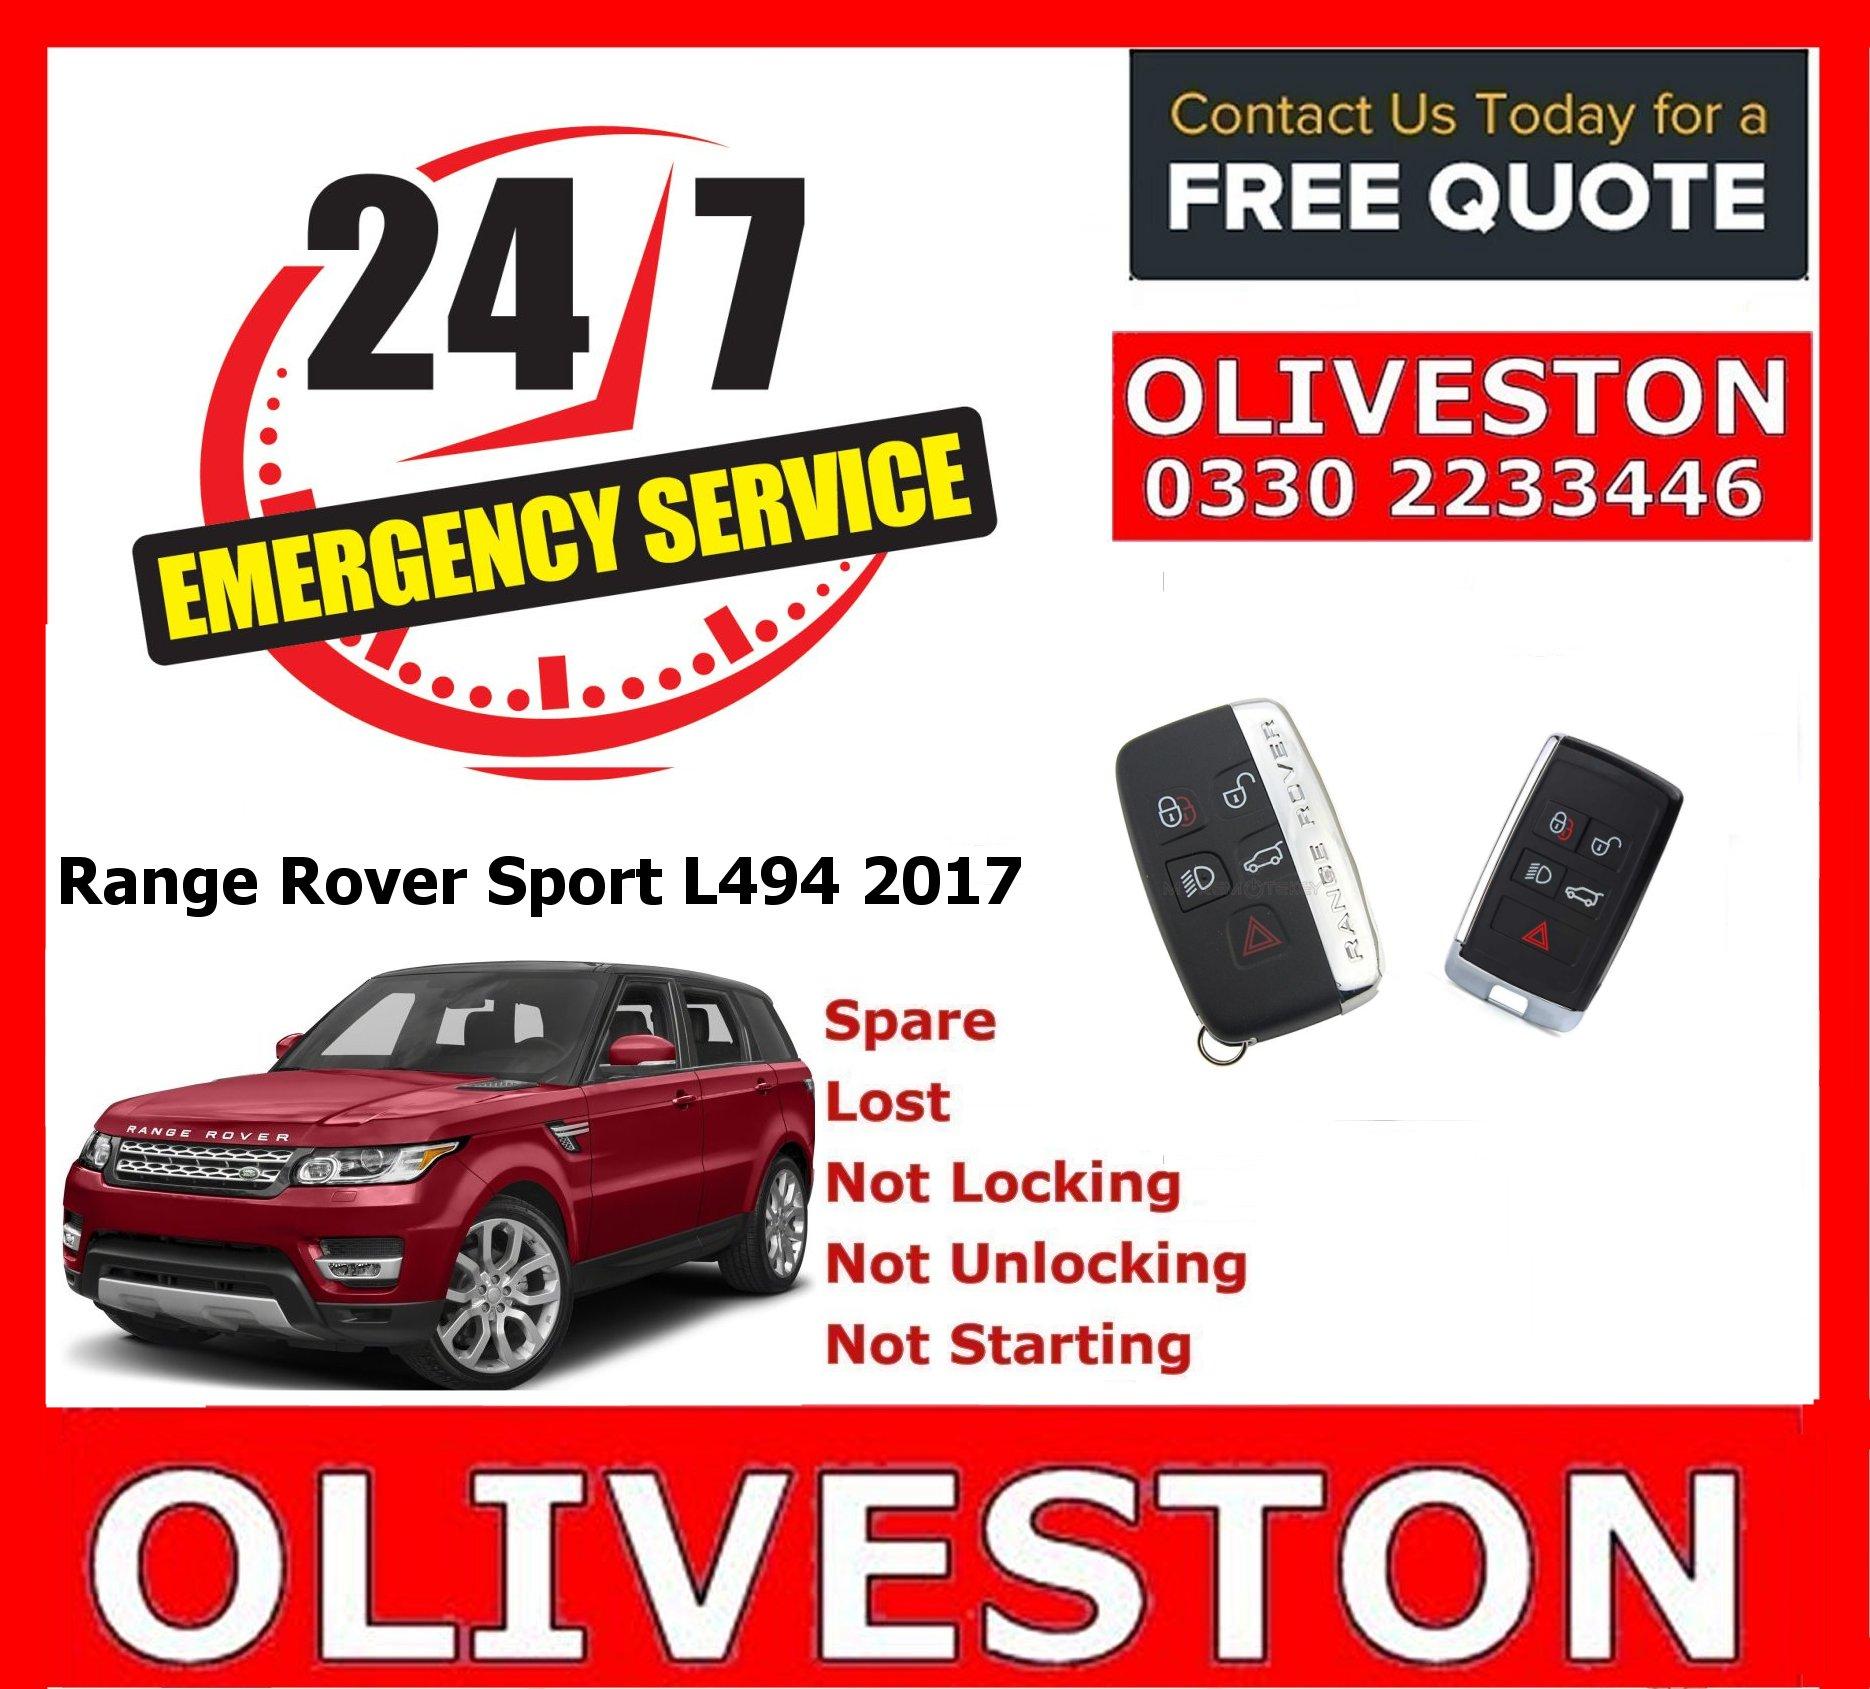 Range Rover Land Rover Jaguar Lost Spare Keys Woodley Windsor Thatcham Sandhurst Crowthorne North Ascot Berkshire South East